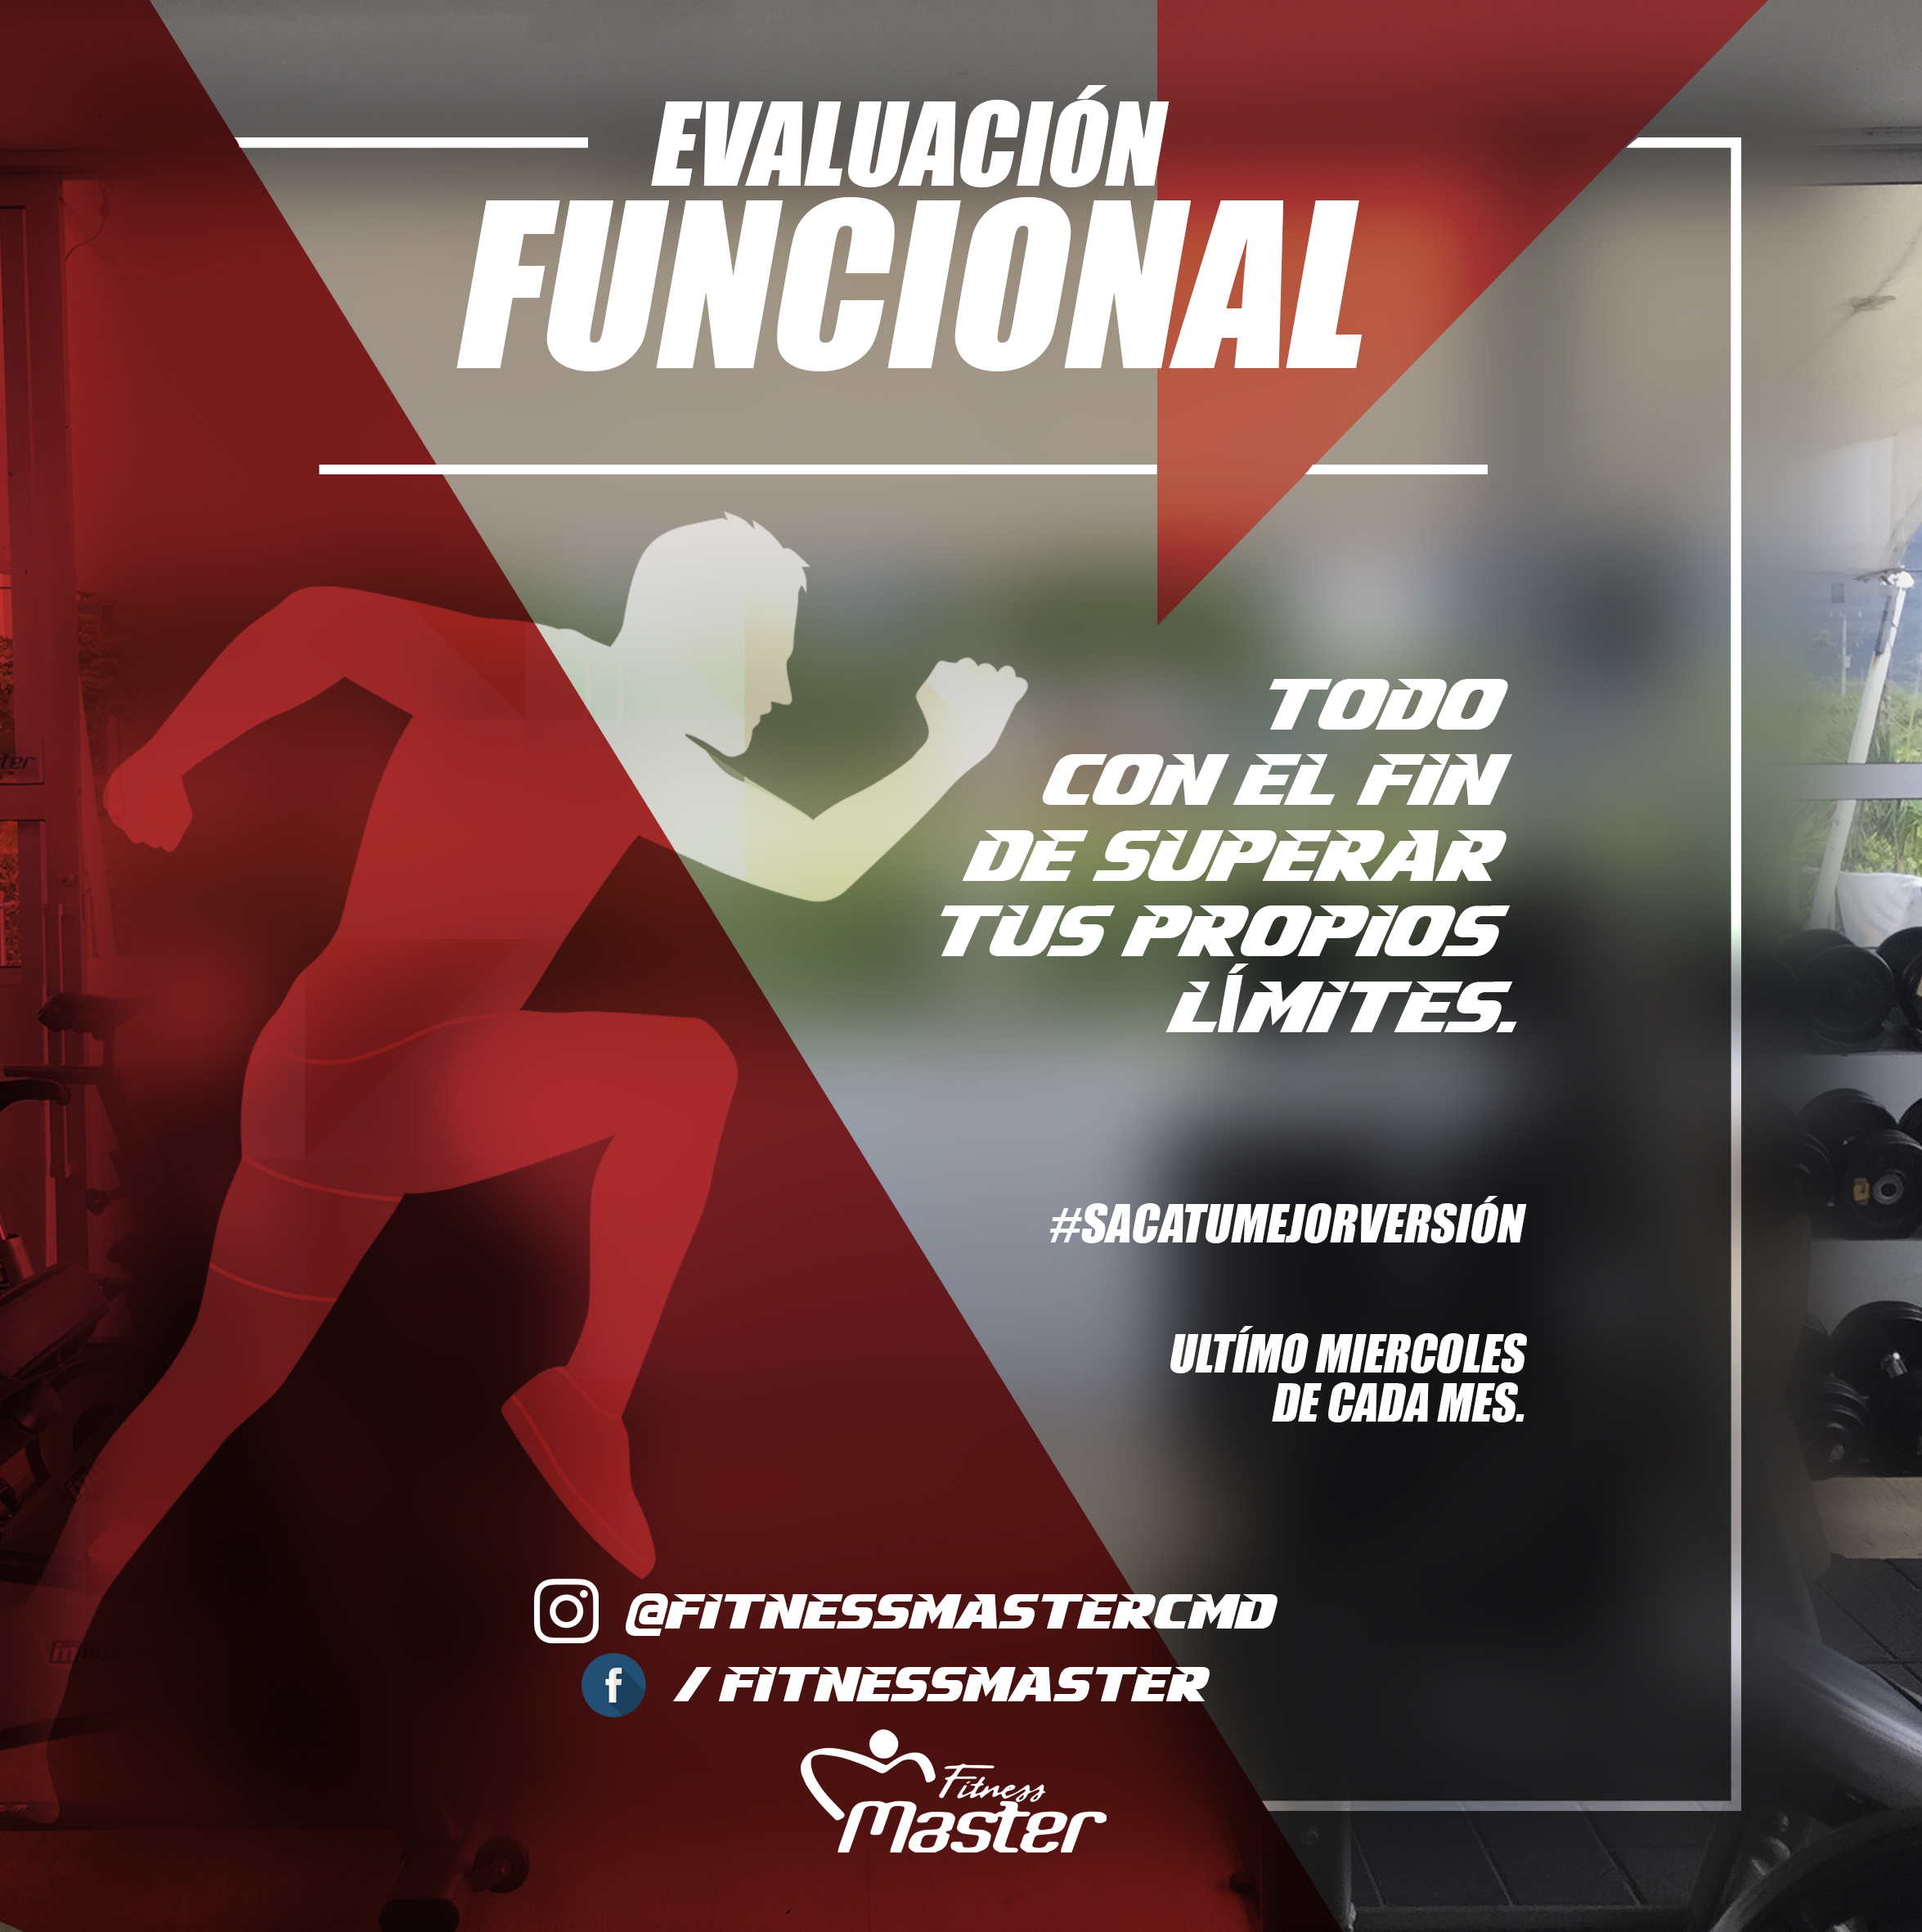 Evaluacion_funcional_redes__2_